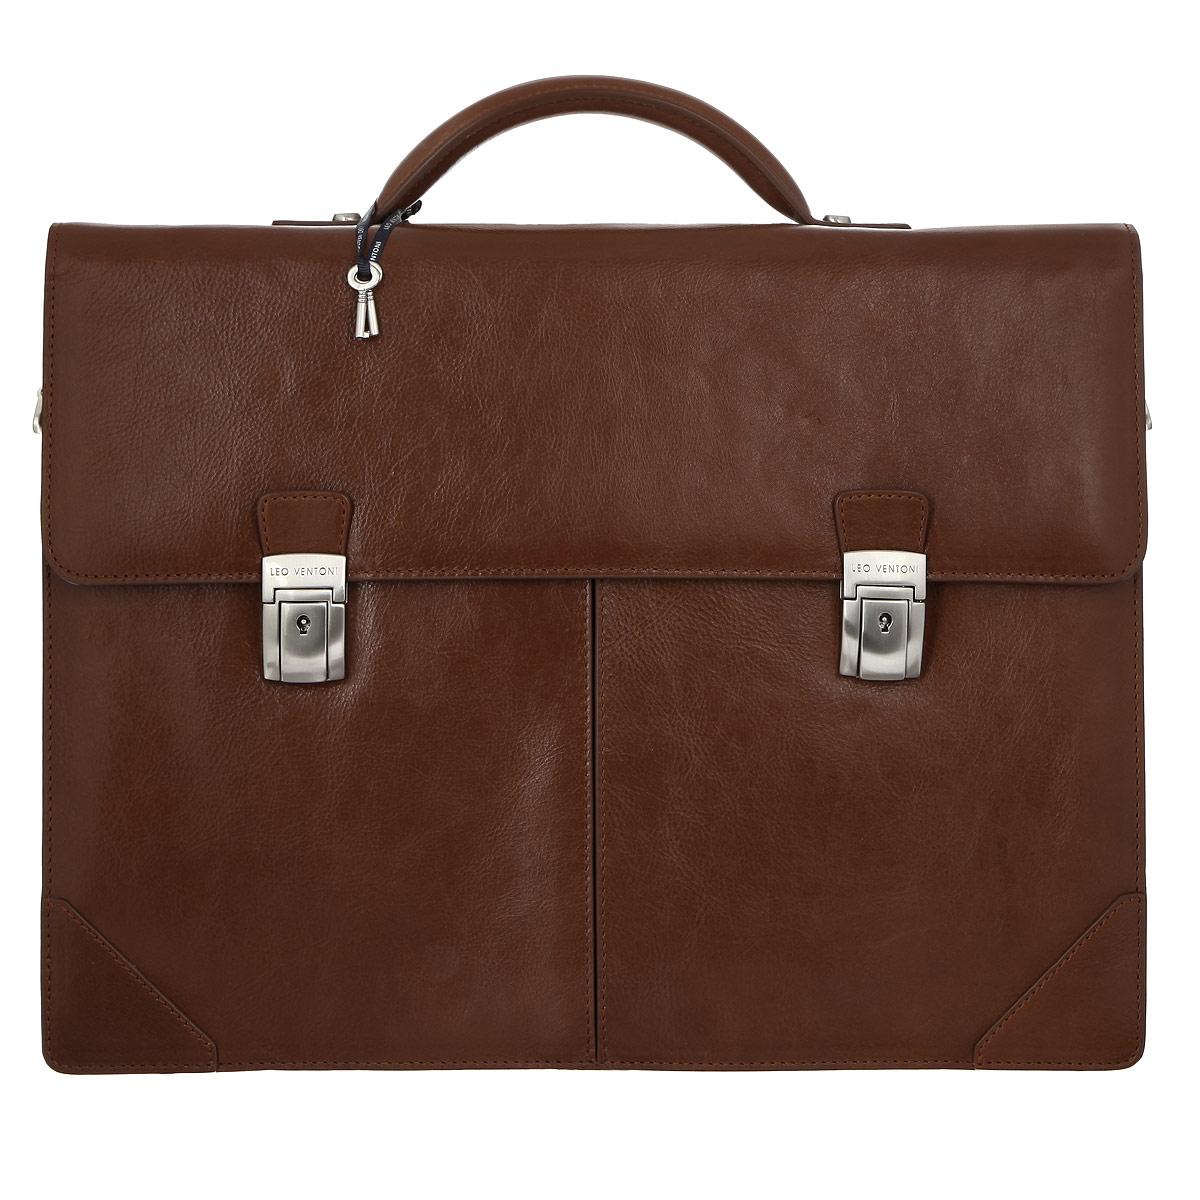 Портфель мужской Leo Ventoni, цвет: коричневый. 03002184-06